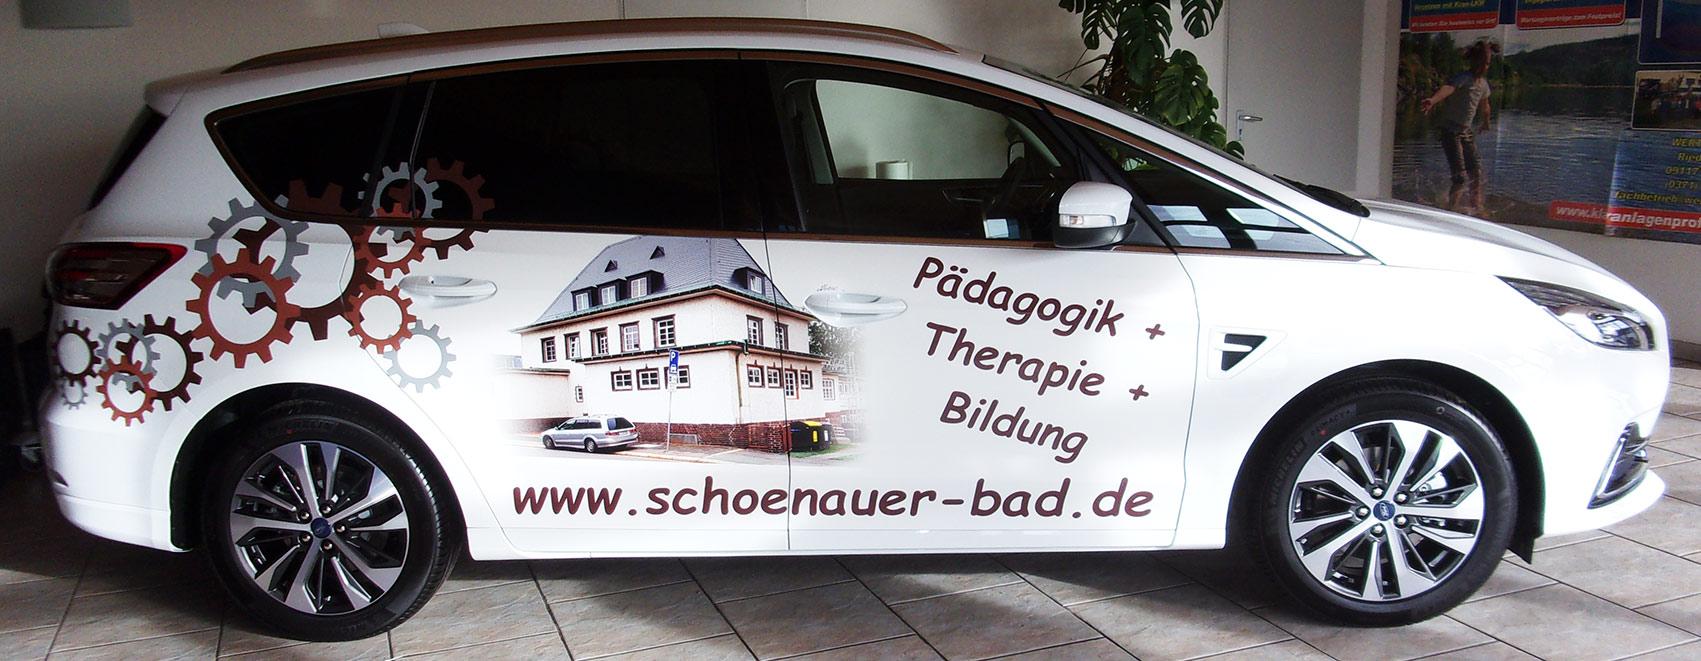 Auto mit Folie bekleben lassen - Wir gestalten die Werbung für Ihr Auto